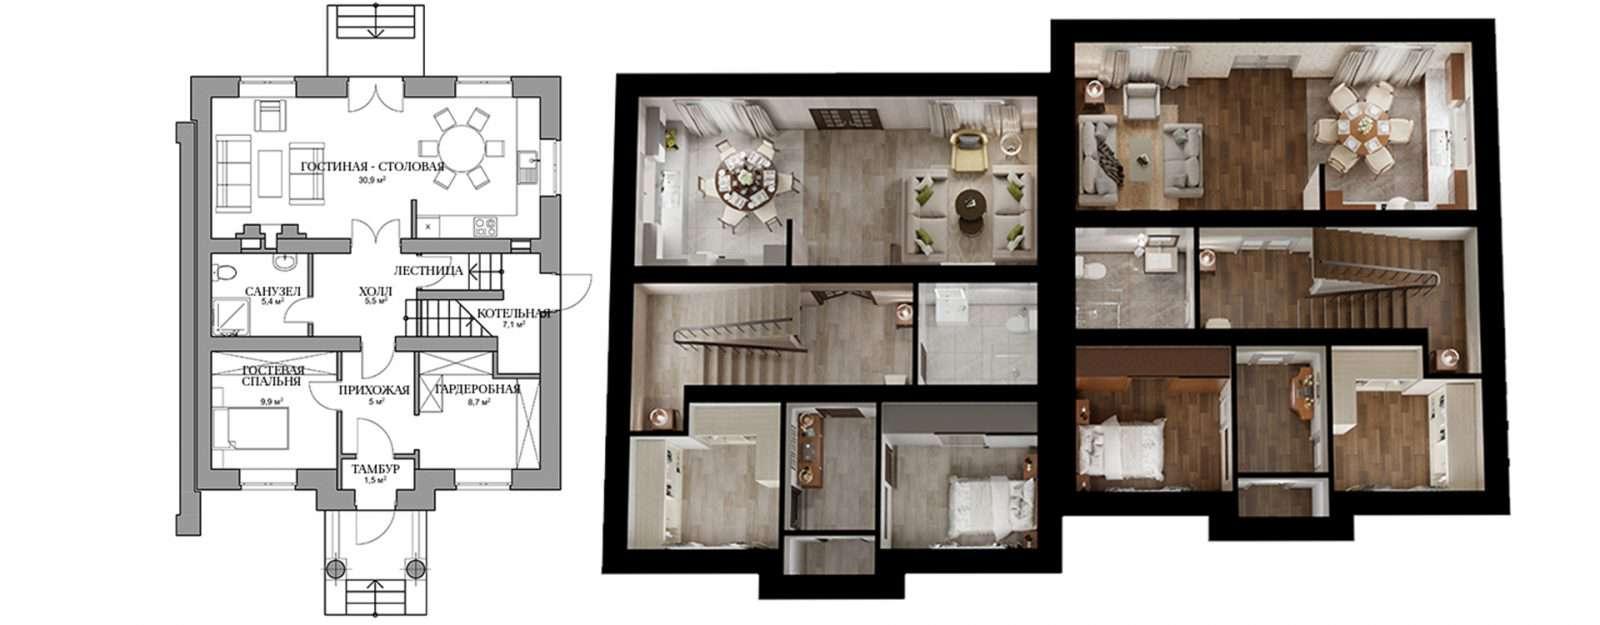 Дуплекс «Саманта» - план первого этажа